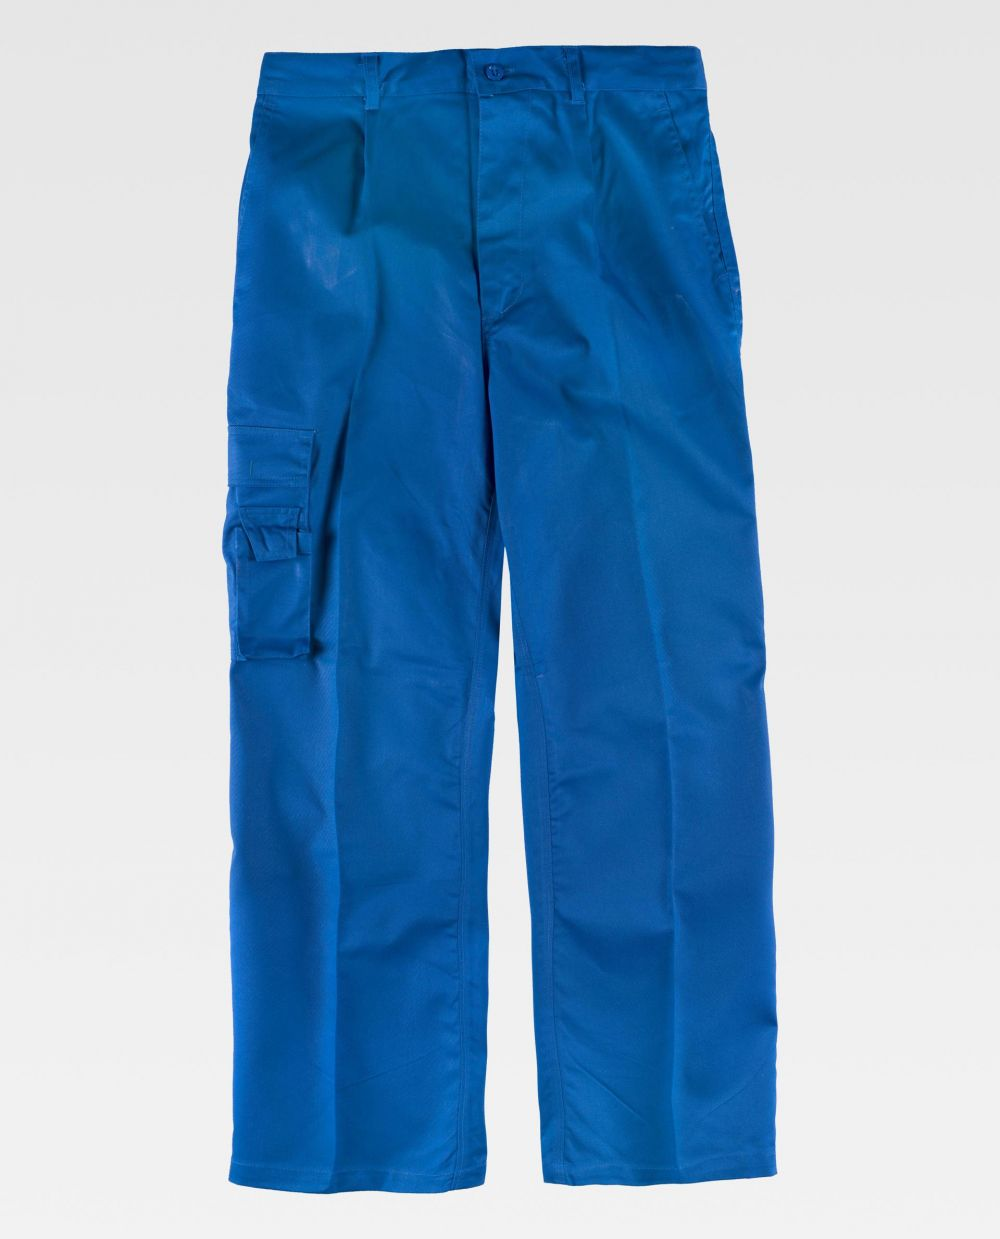 Pantalones de trabajo workteam b1409 de poliéster vista 2